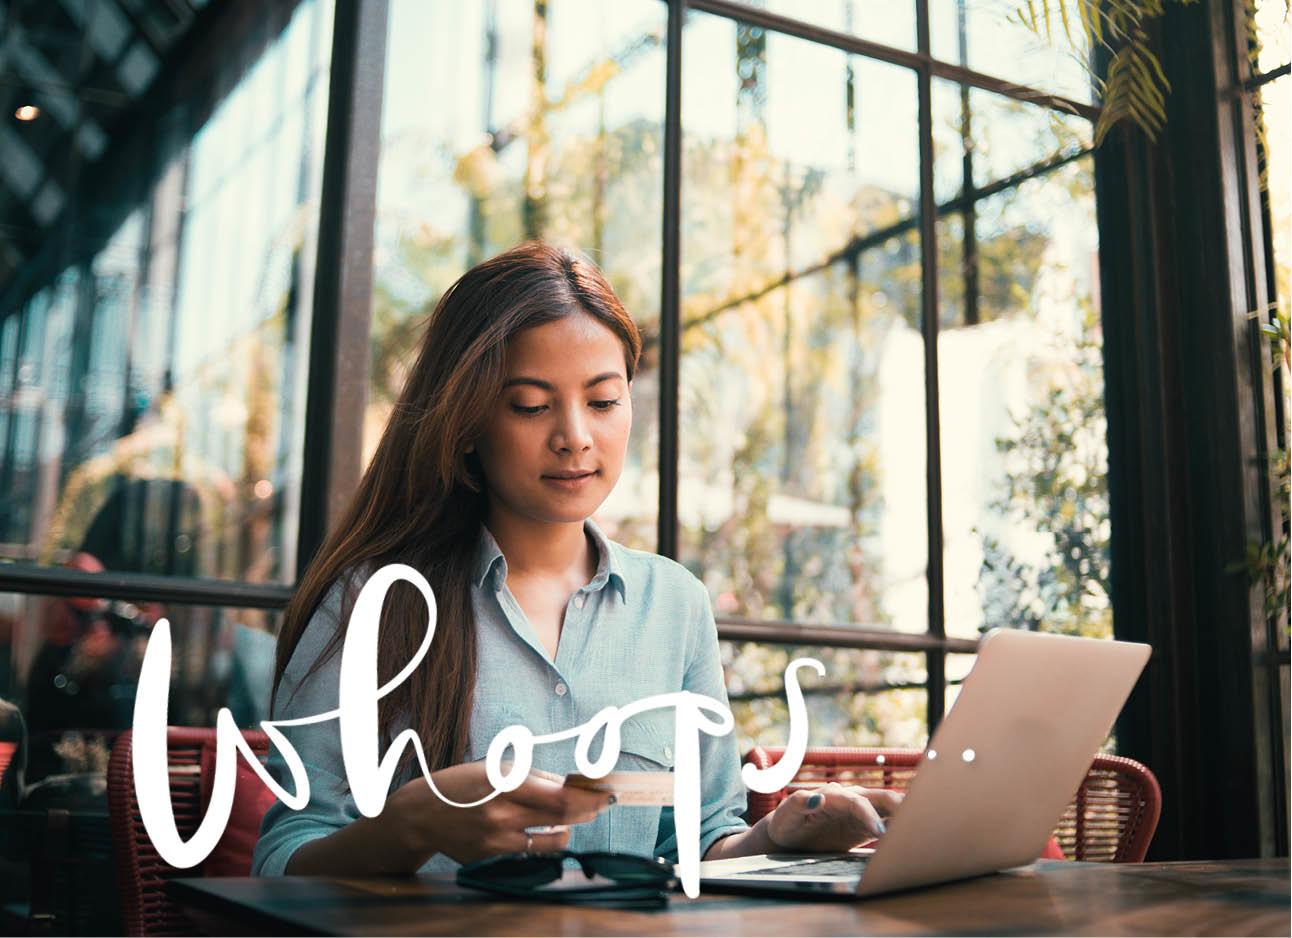 vrouw kijkend naar haar pinpas achter haar laptop winkelen onnline